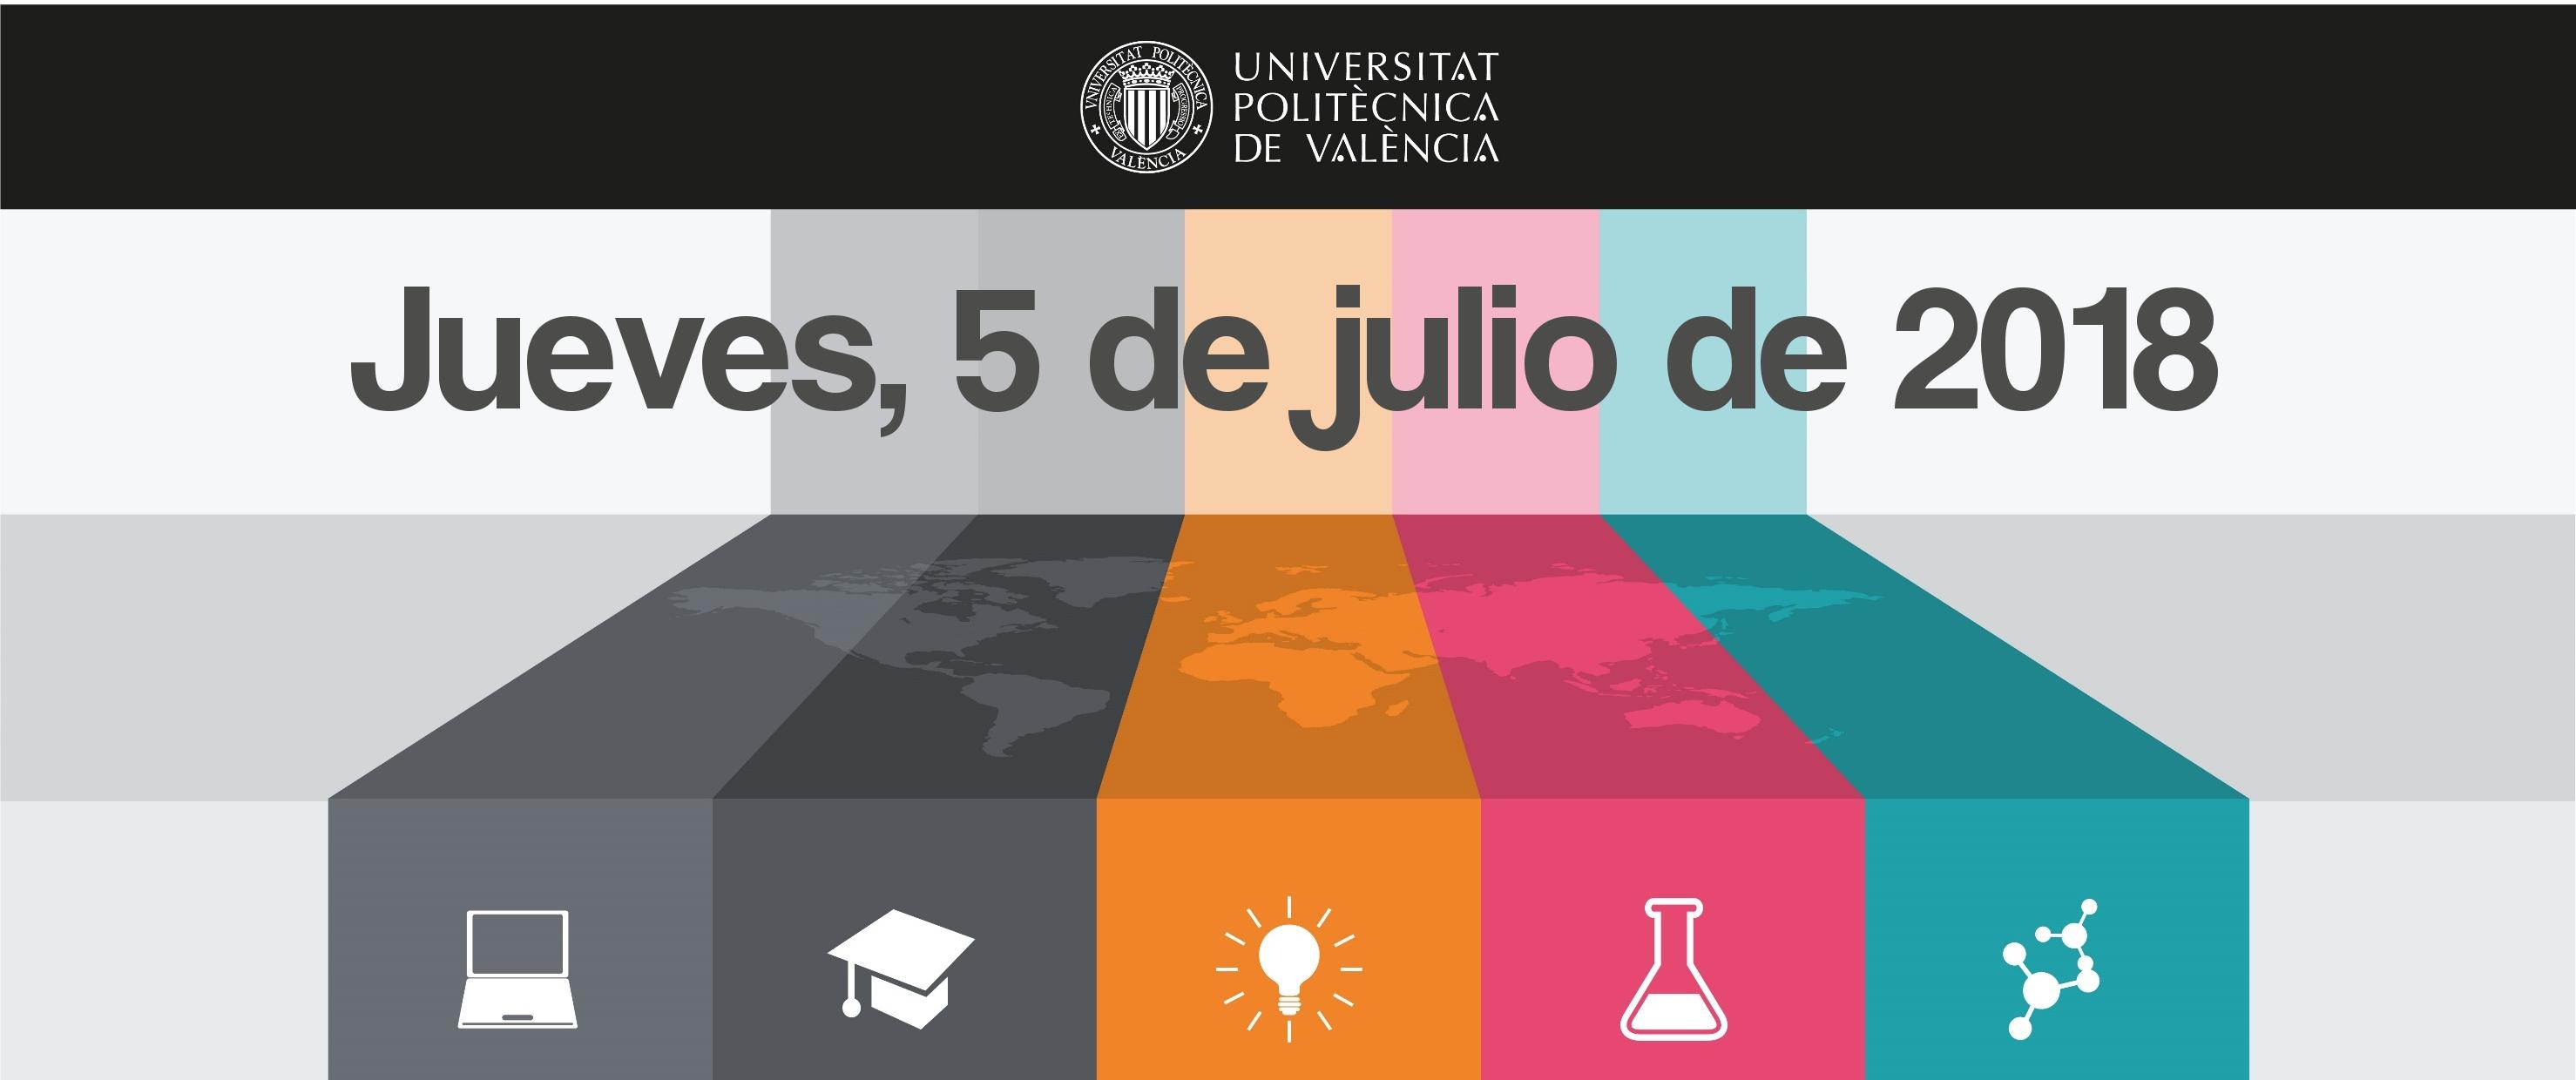 V Encuentro de Estudiantes de Doctorado